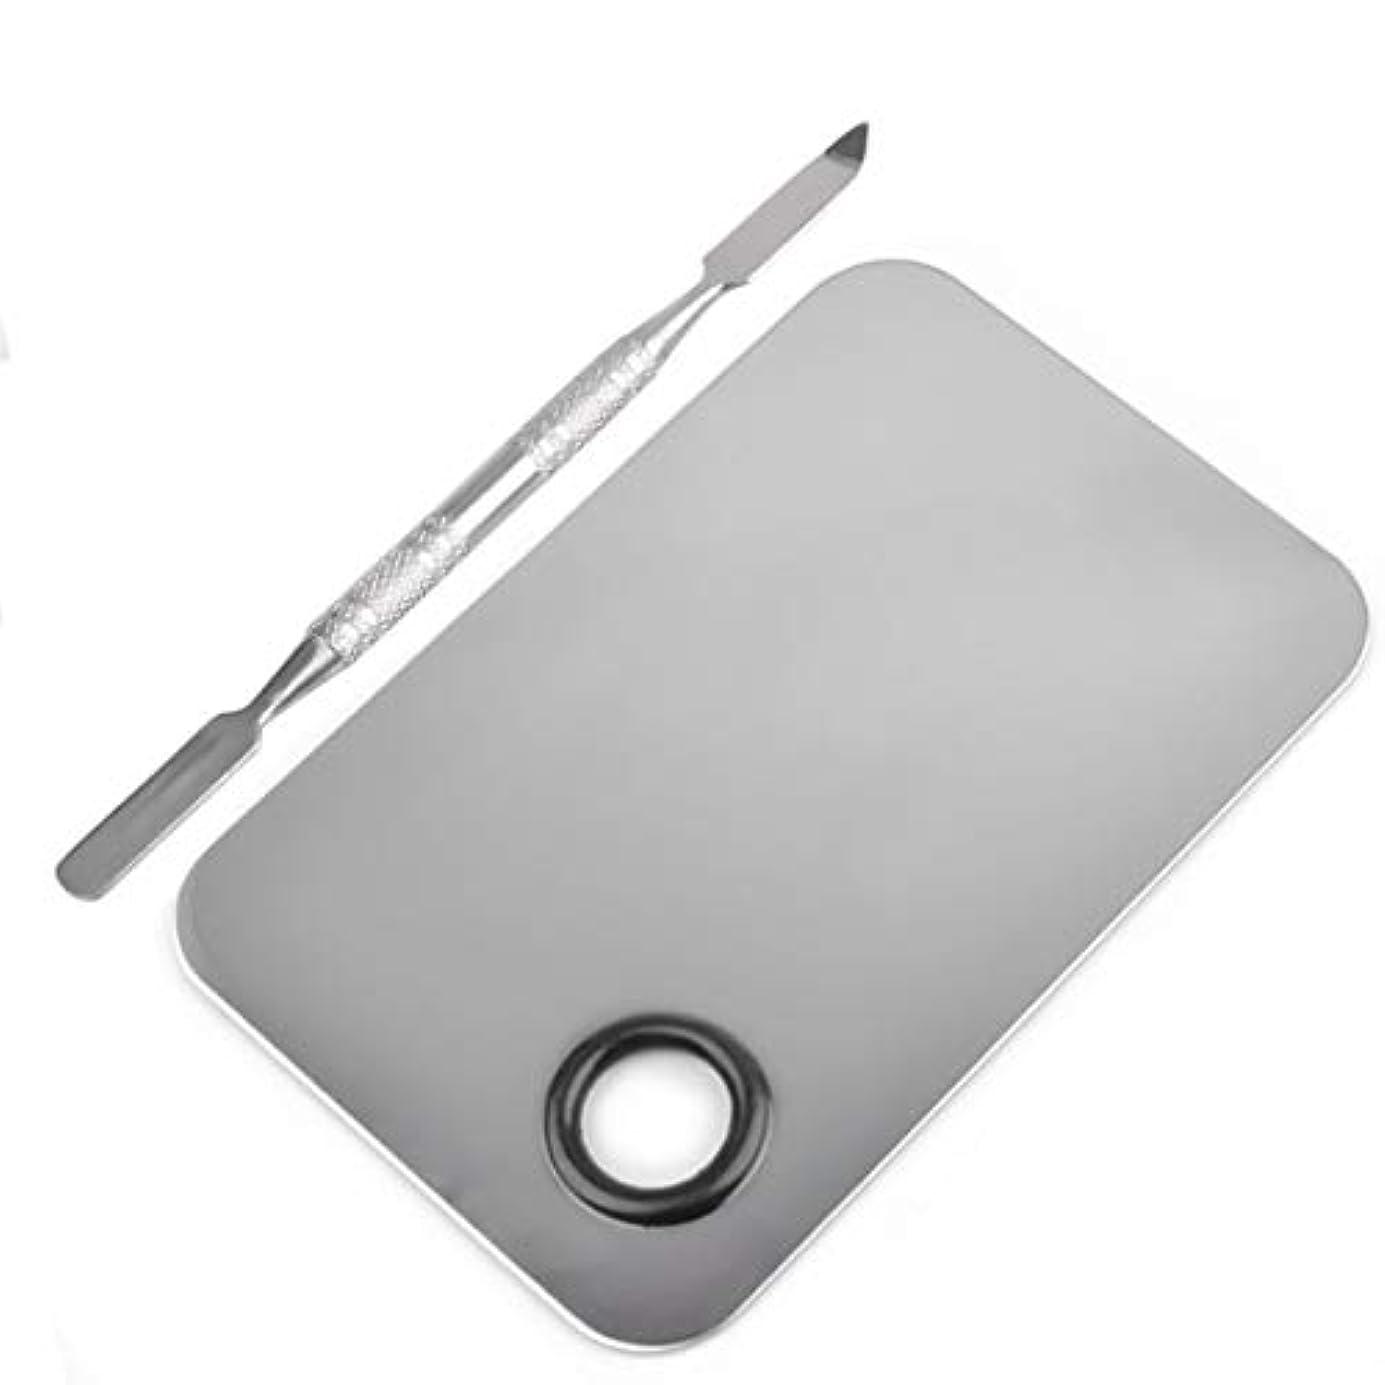 マウスピース被る寝室長方形の形のステンレス鋼化粧品メイクアップパレットへらツールセットネイルアート機器ツールキット美容ツール